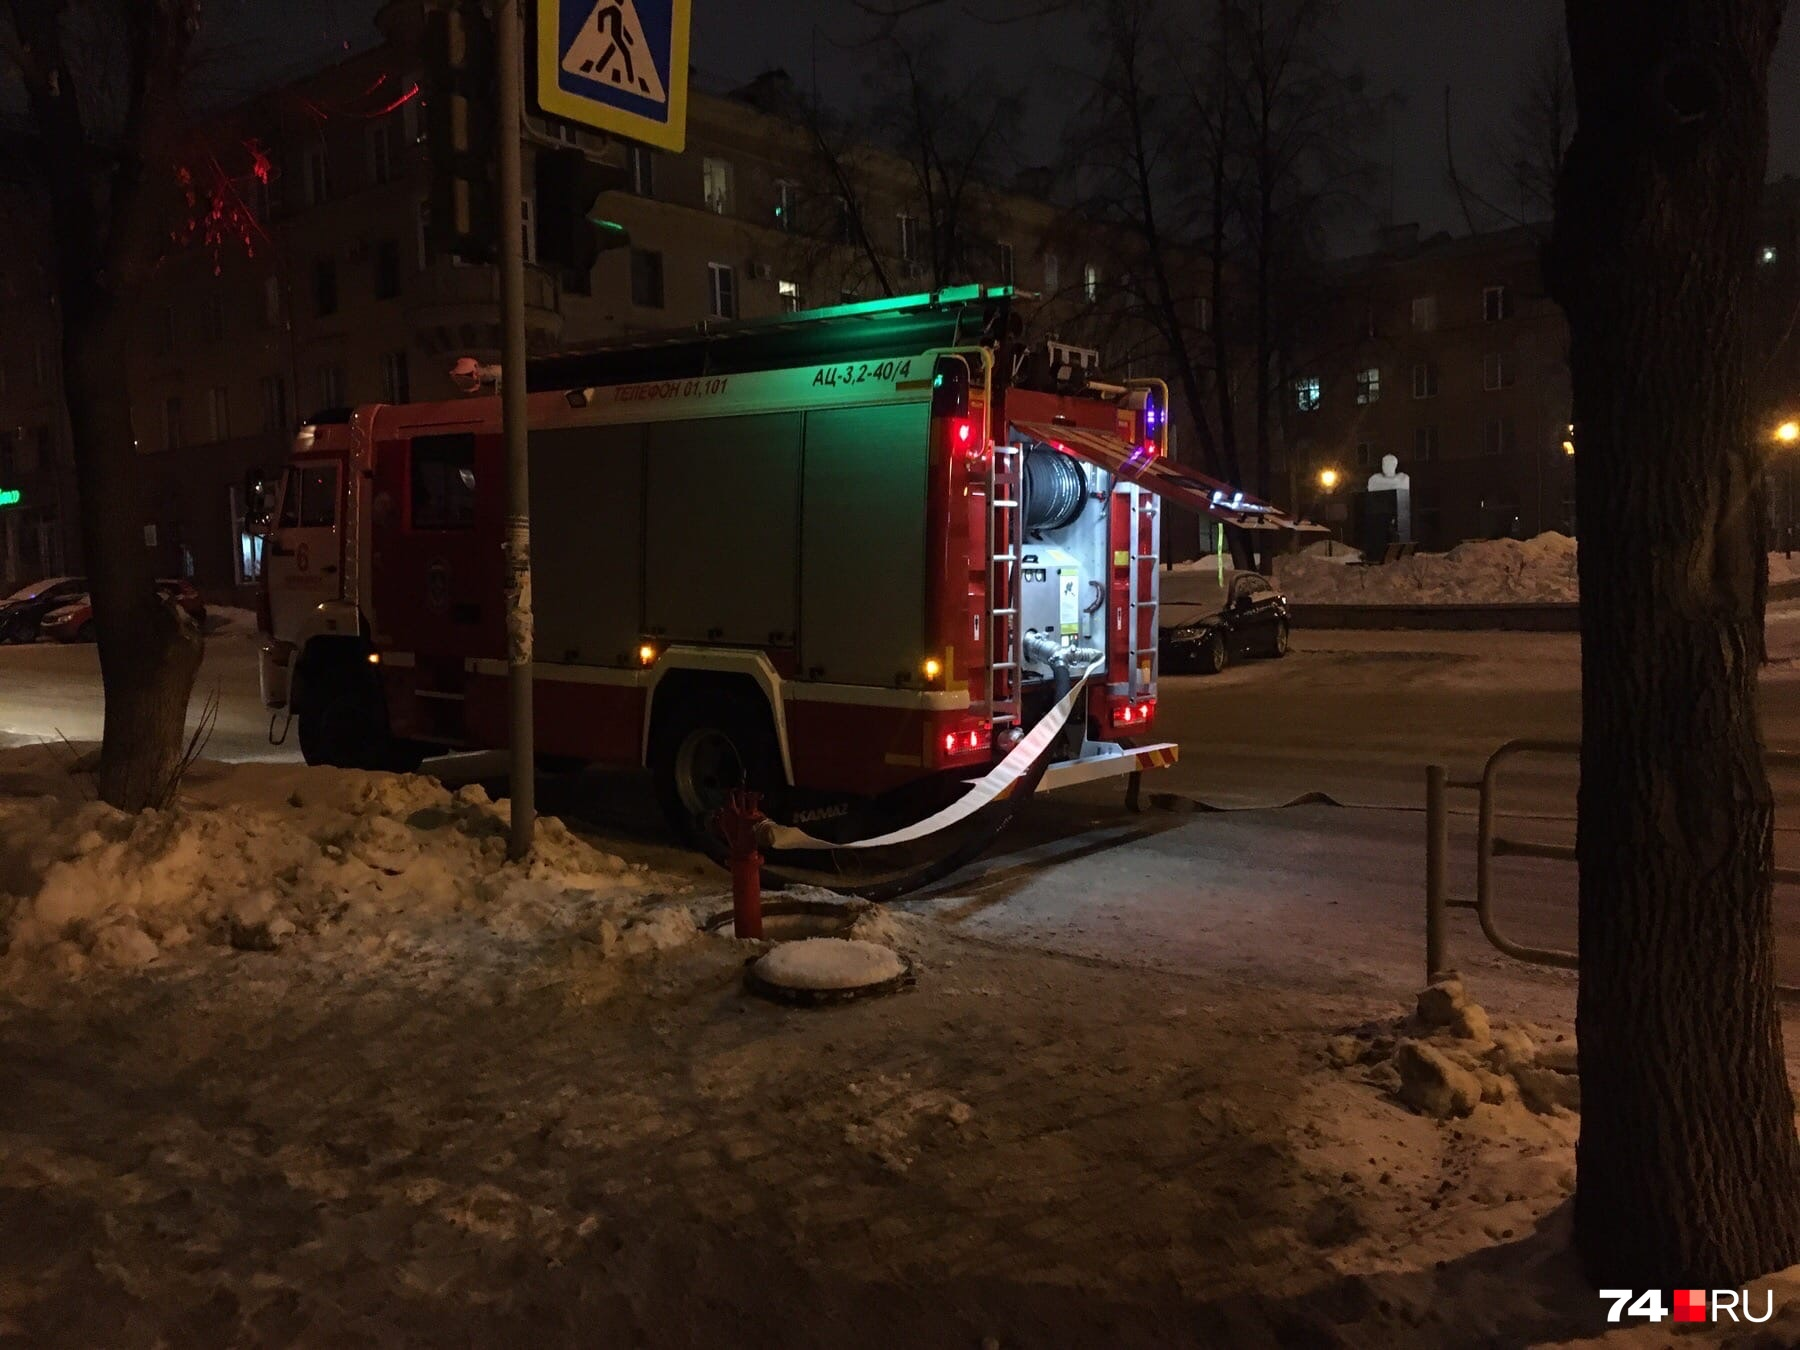 Спасателям предстоит «потушить» возгорание в одном из залов театра